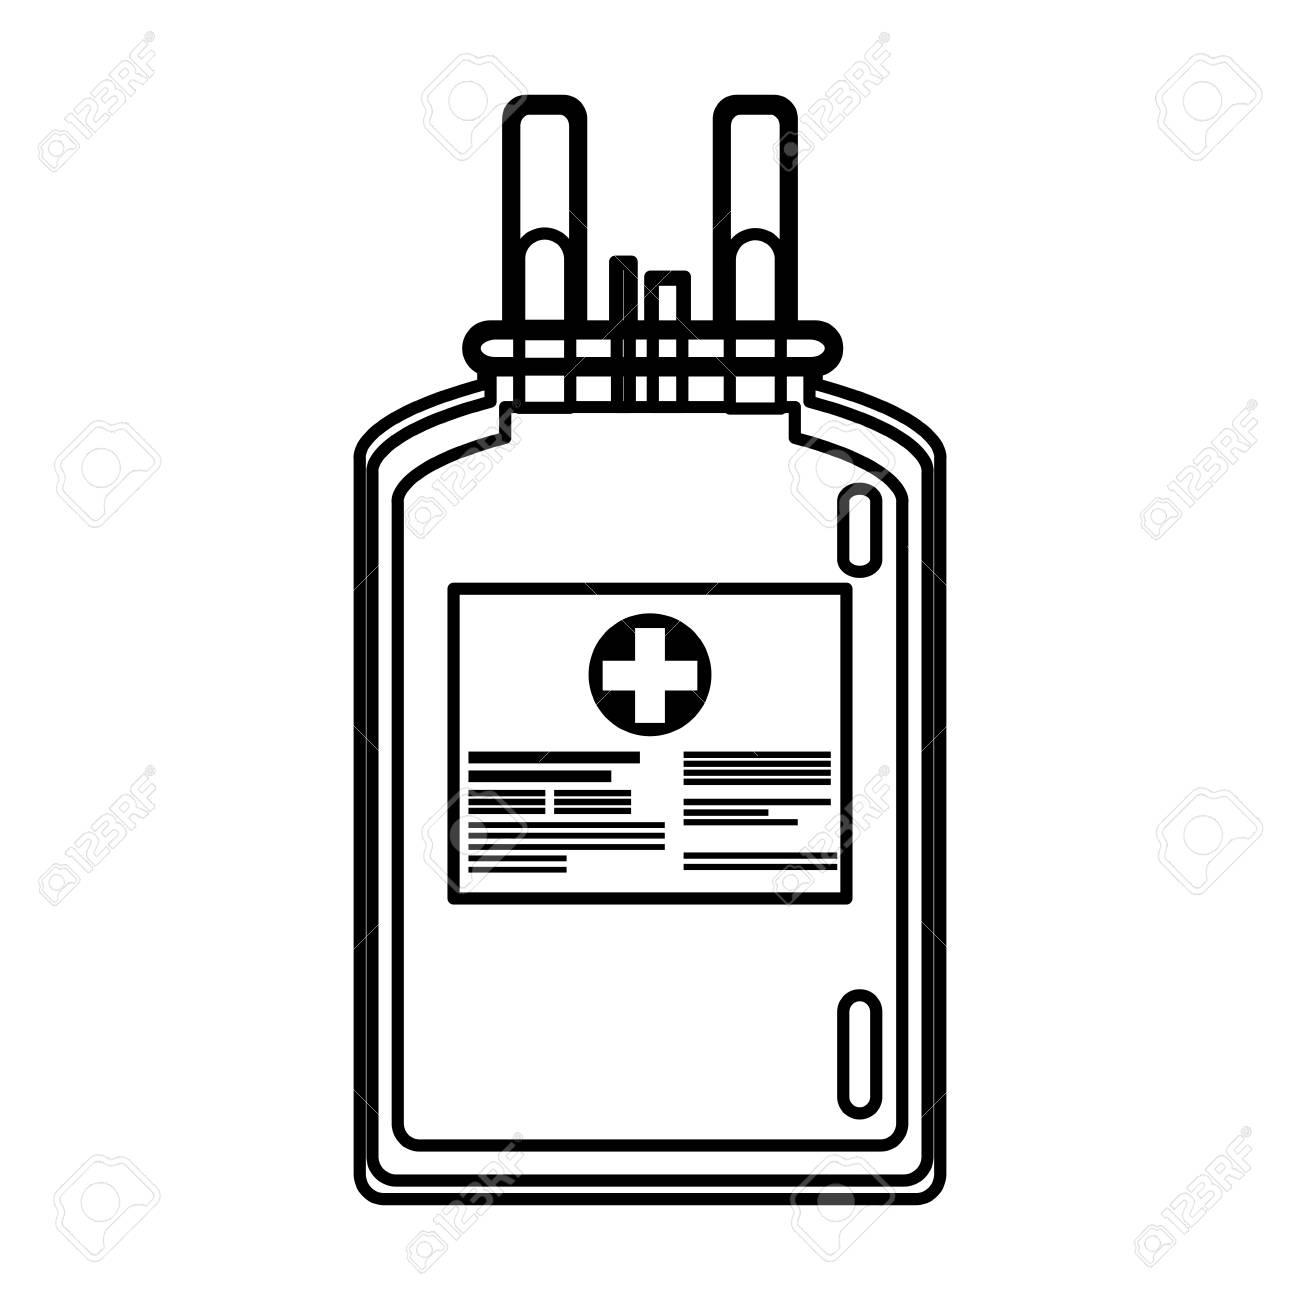 Plástico Línea Salud Atención Donar Ilustración Vector De Bolsa Sangre vwn0mN8